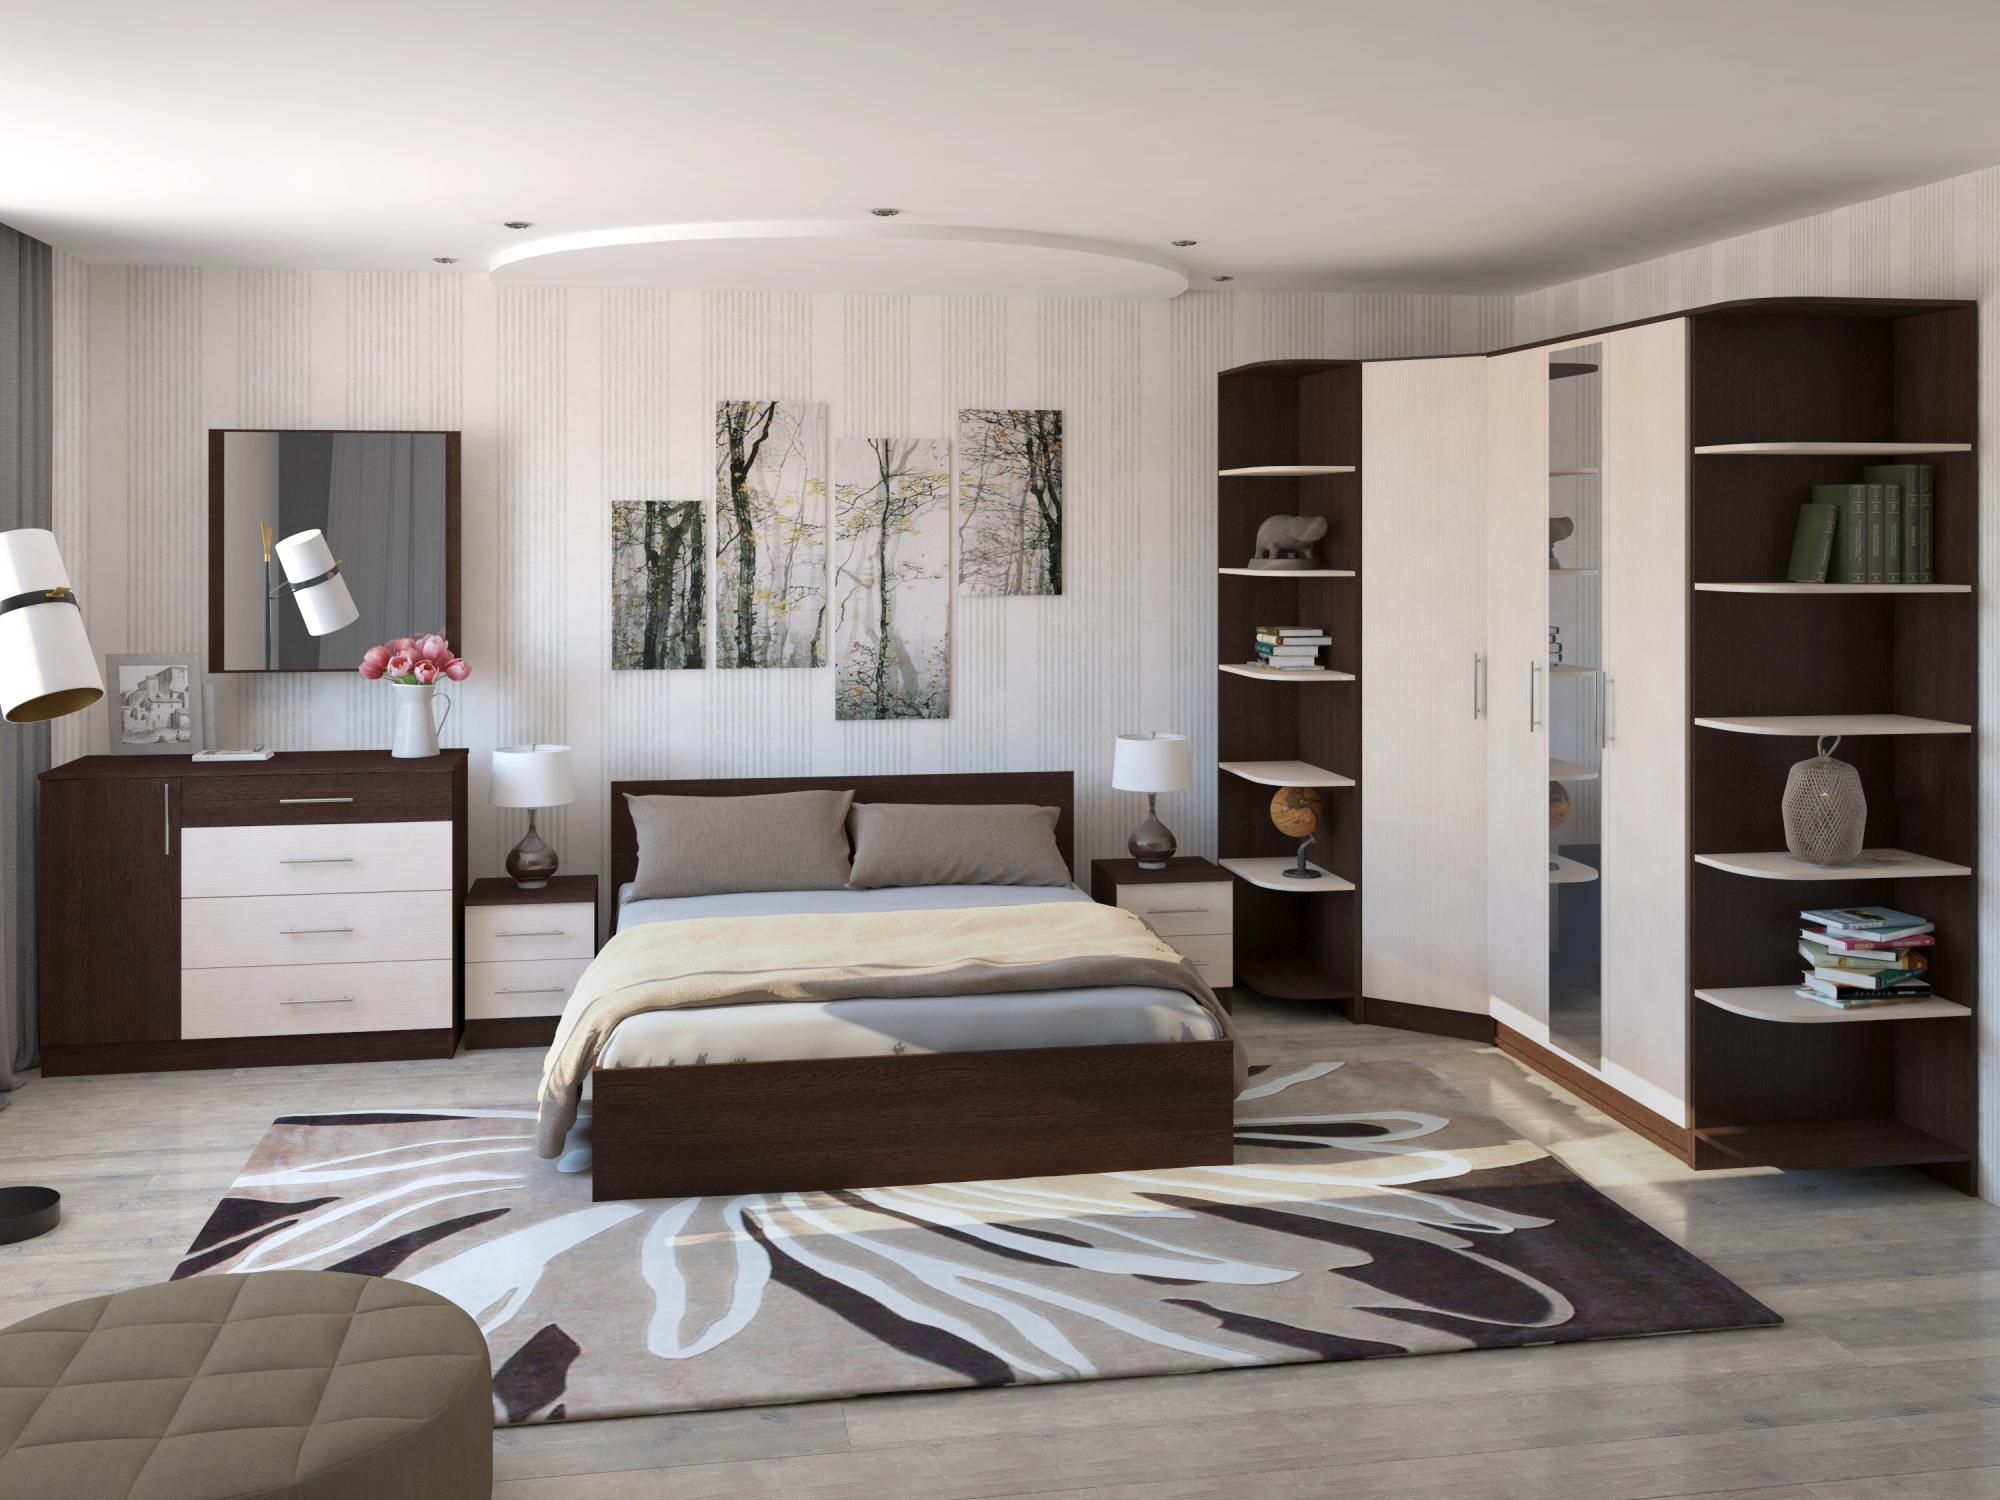 Натяжной потолок с рисунком в спальню фото крайней мере